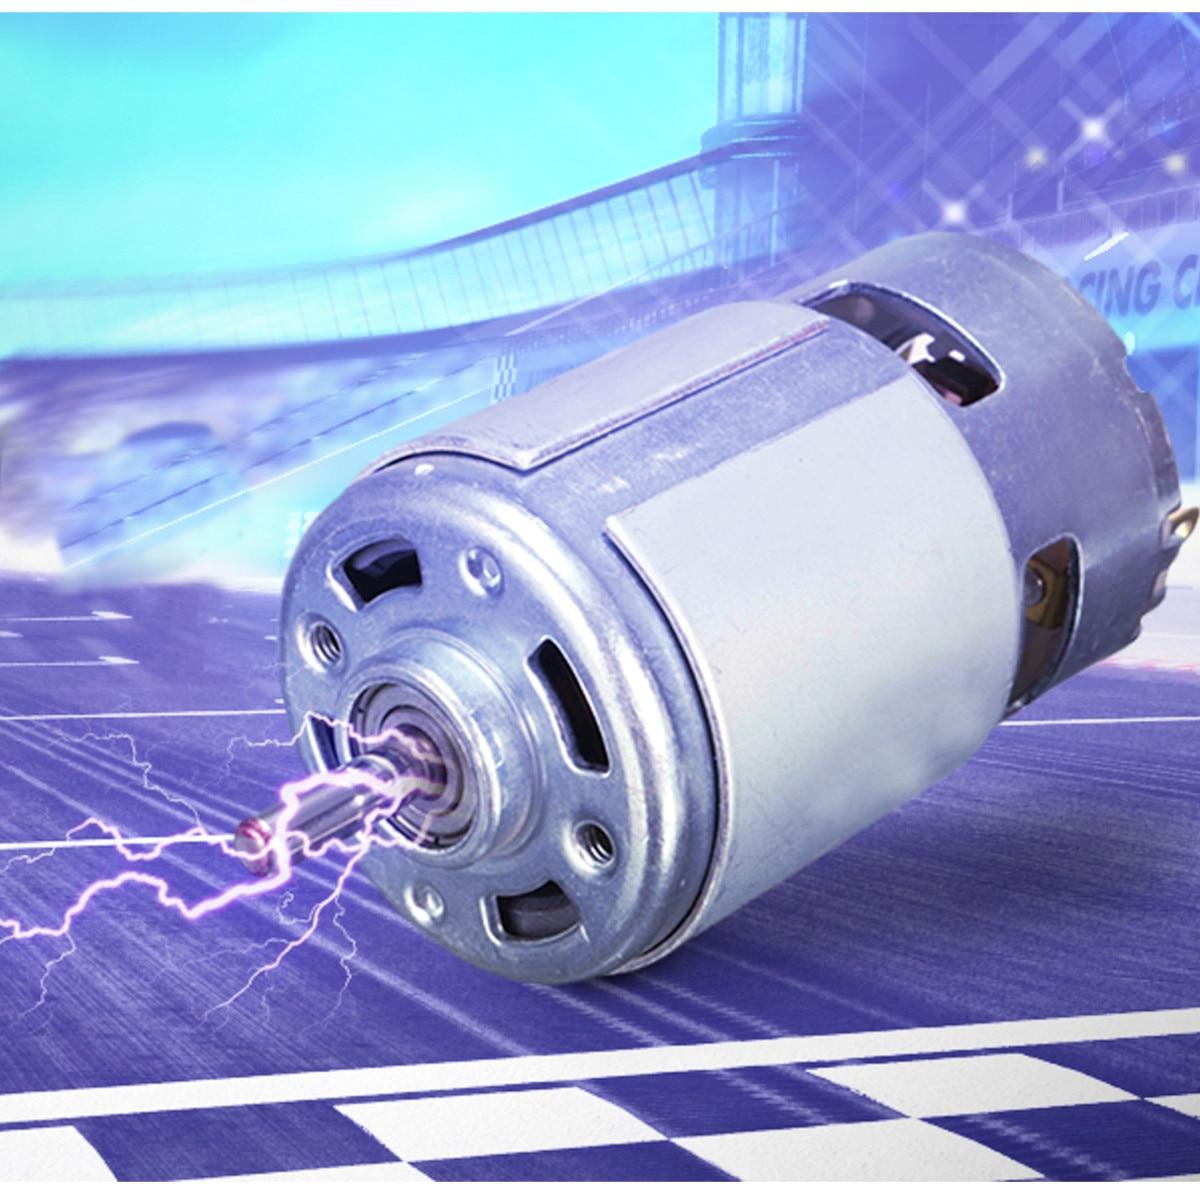 DC 12 V 100 W 1300015000 RPM 775 motor de alta velocidad de torsión grande DC motor eléctrico herramienta eléctrica maquinaria